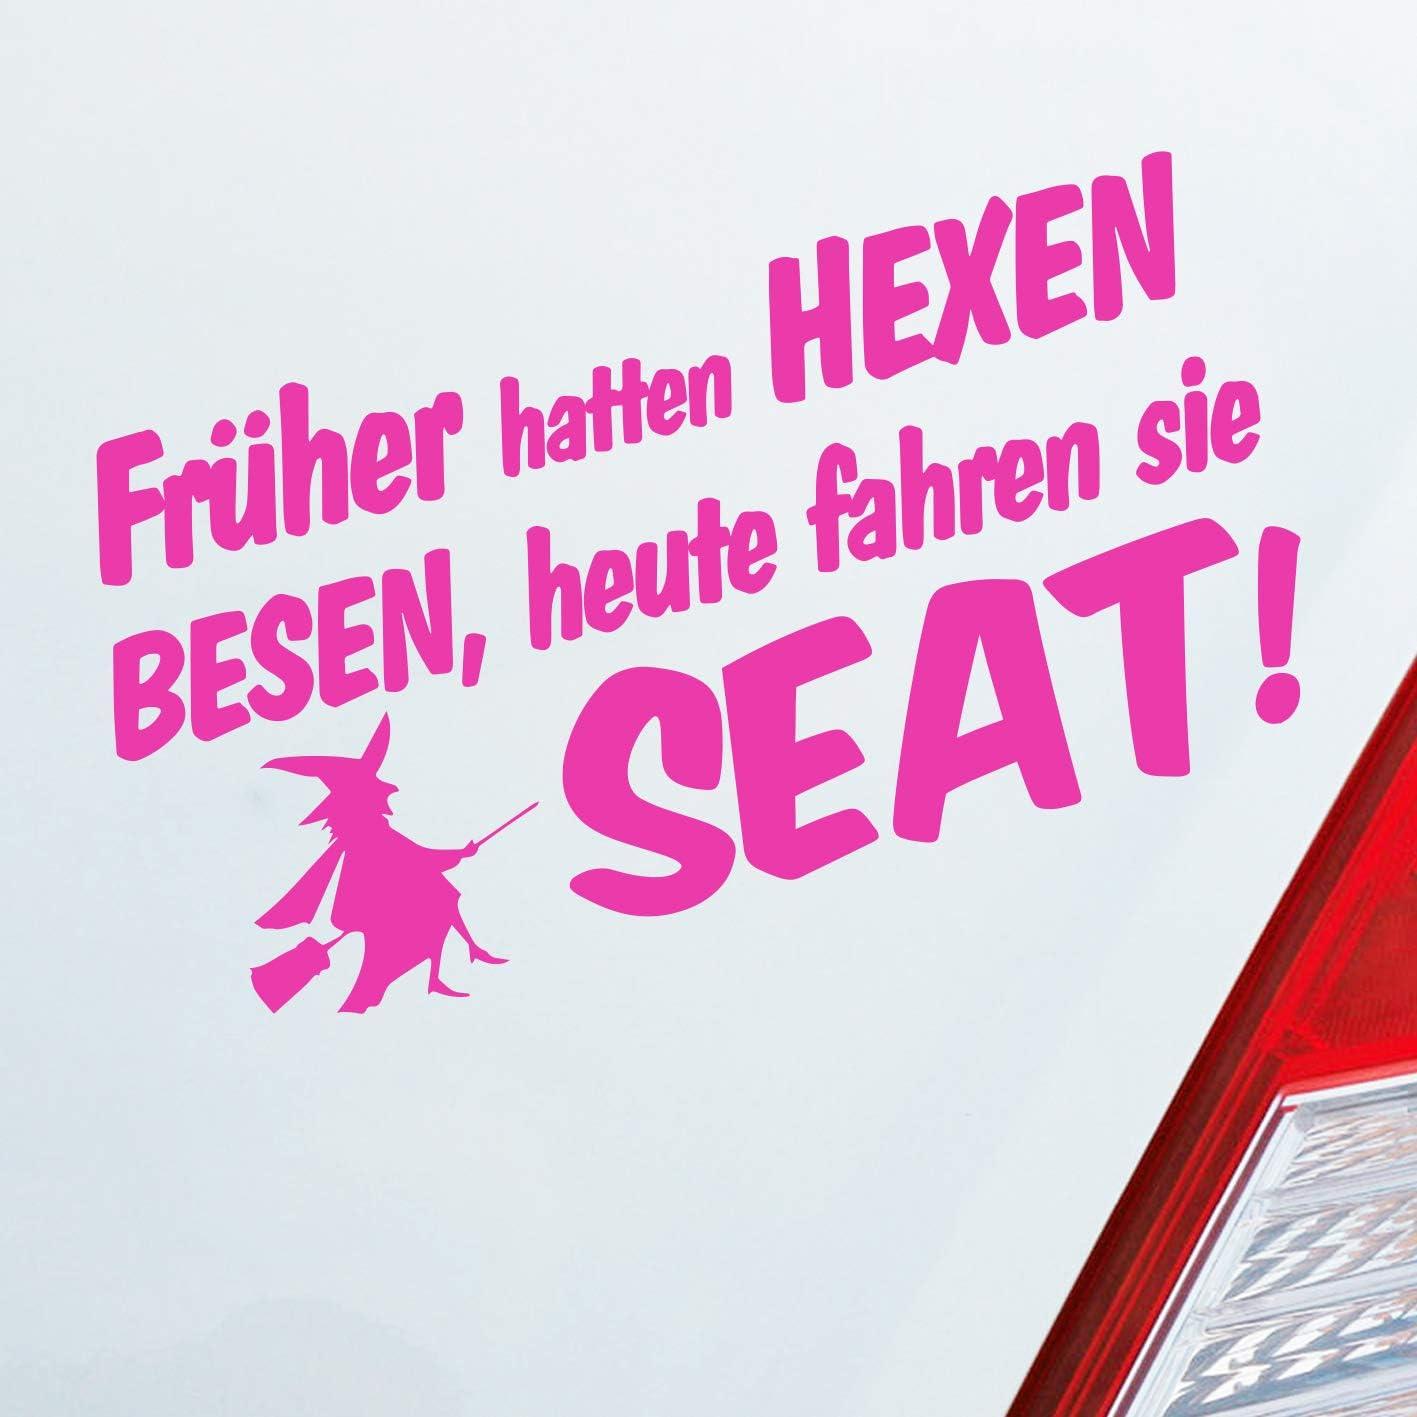 Auto Aufkleber In Deiner Wunschfarbe Früher Hatten Hexen Besen Heute Fahren Sie Für Seat Fans Fun 19x10 Cm Sticker Auto